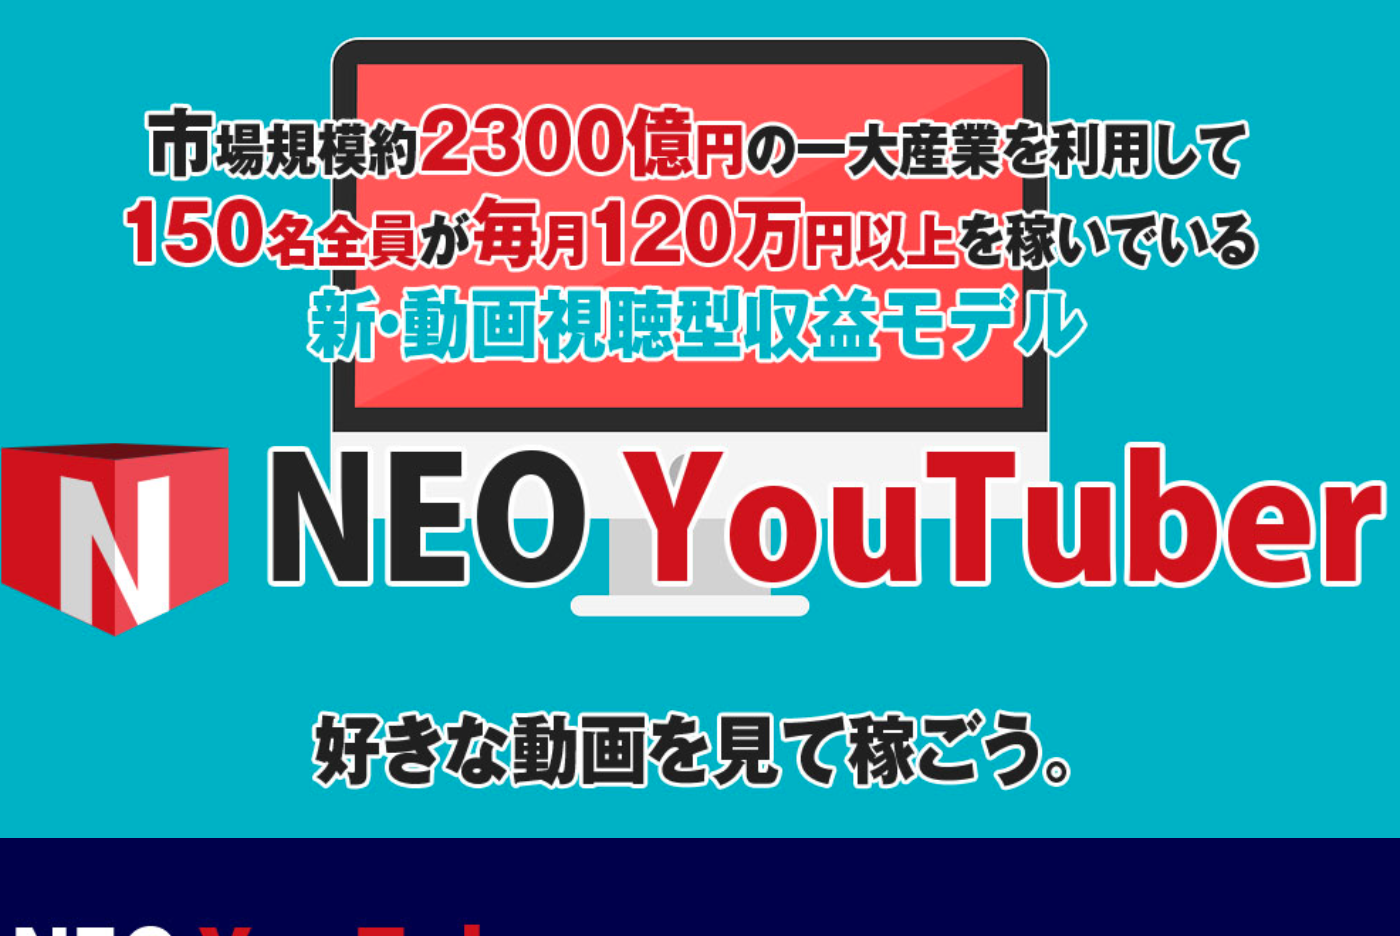 堂島浩平 NEOYouTuber(ネオユーチューバー)って一体なに?稼げるのか? 評判 口コミ 詐欺 返金 ネットビジネス裁判官が独自の視点で検証していきます